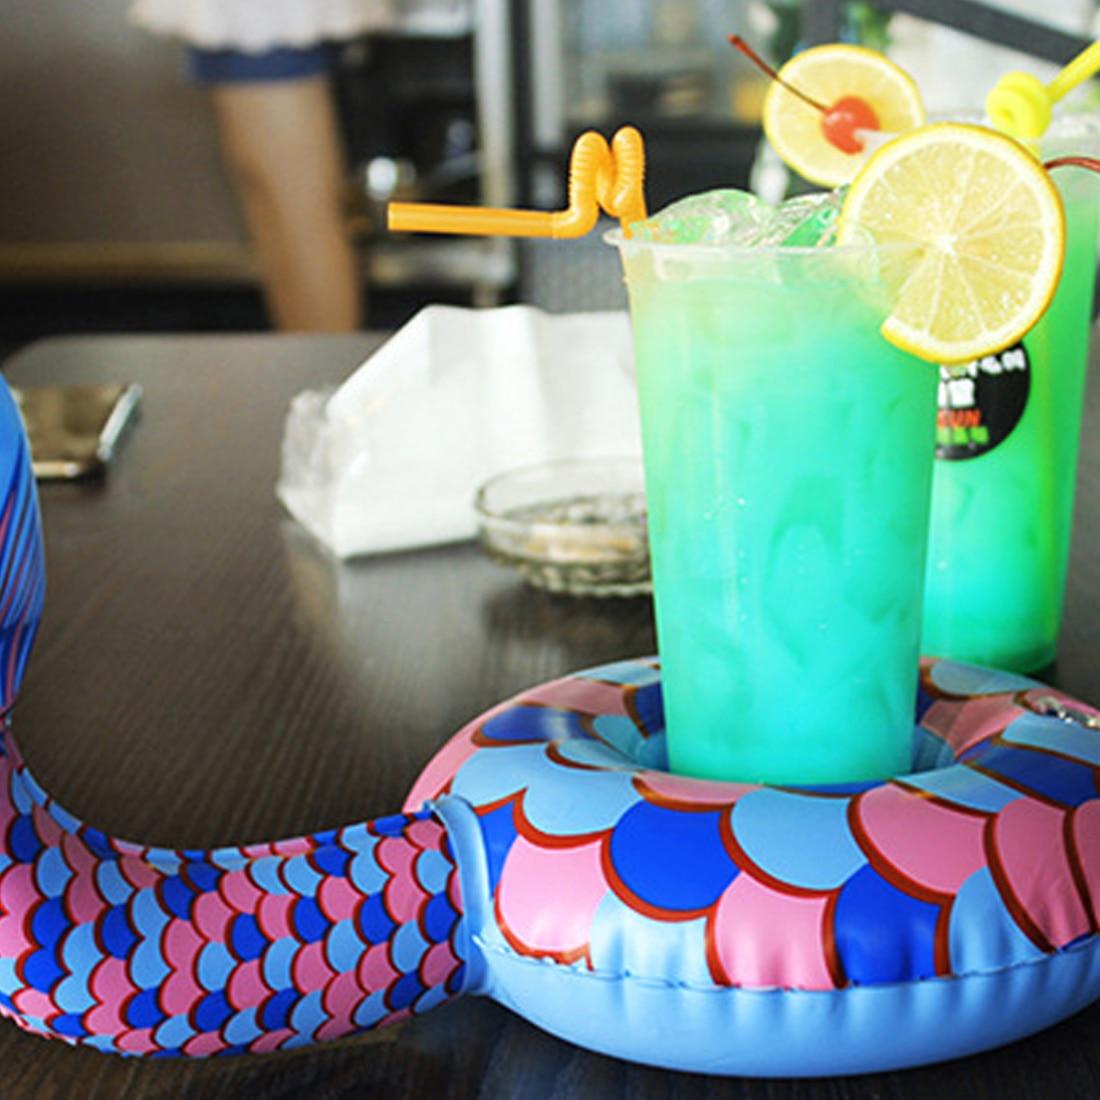 14 Verschillende Opblaasbare Zwembad  Bier beker fles/blik Houders Voor In Het Zwembad Tafel Bar Tray Zomer Zwemmen Party Speelgoed Strand Accessoires 5